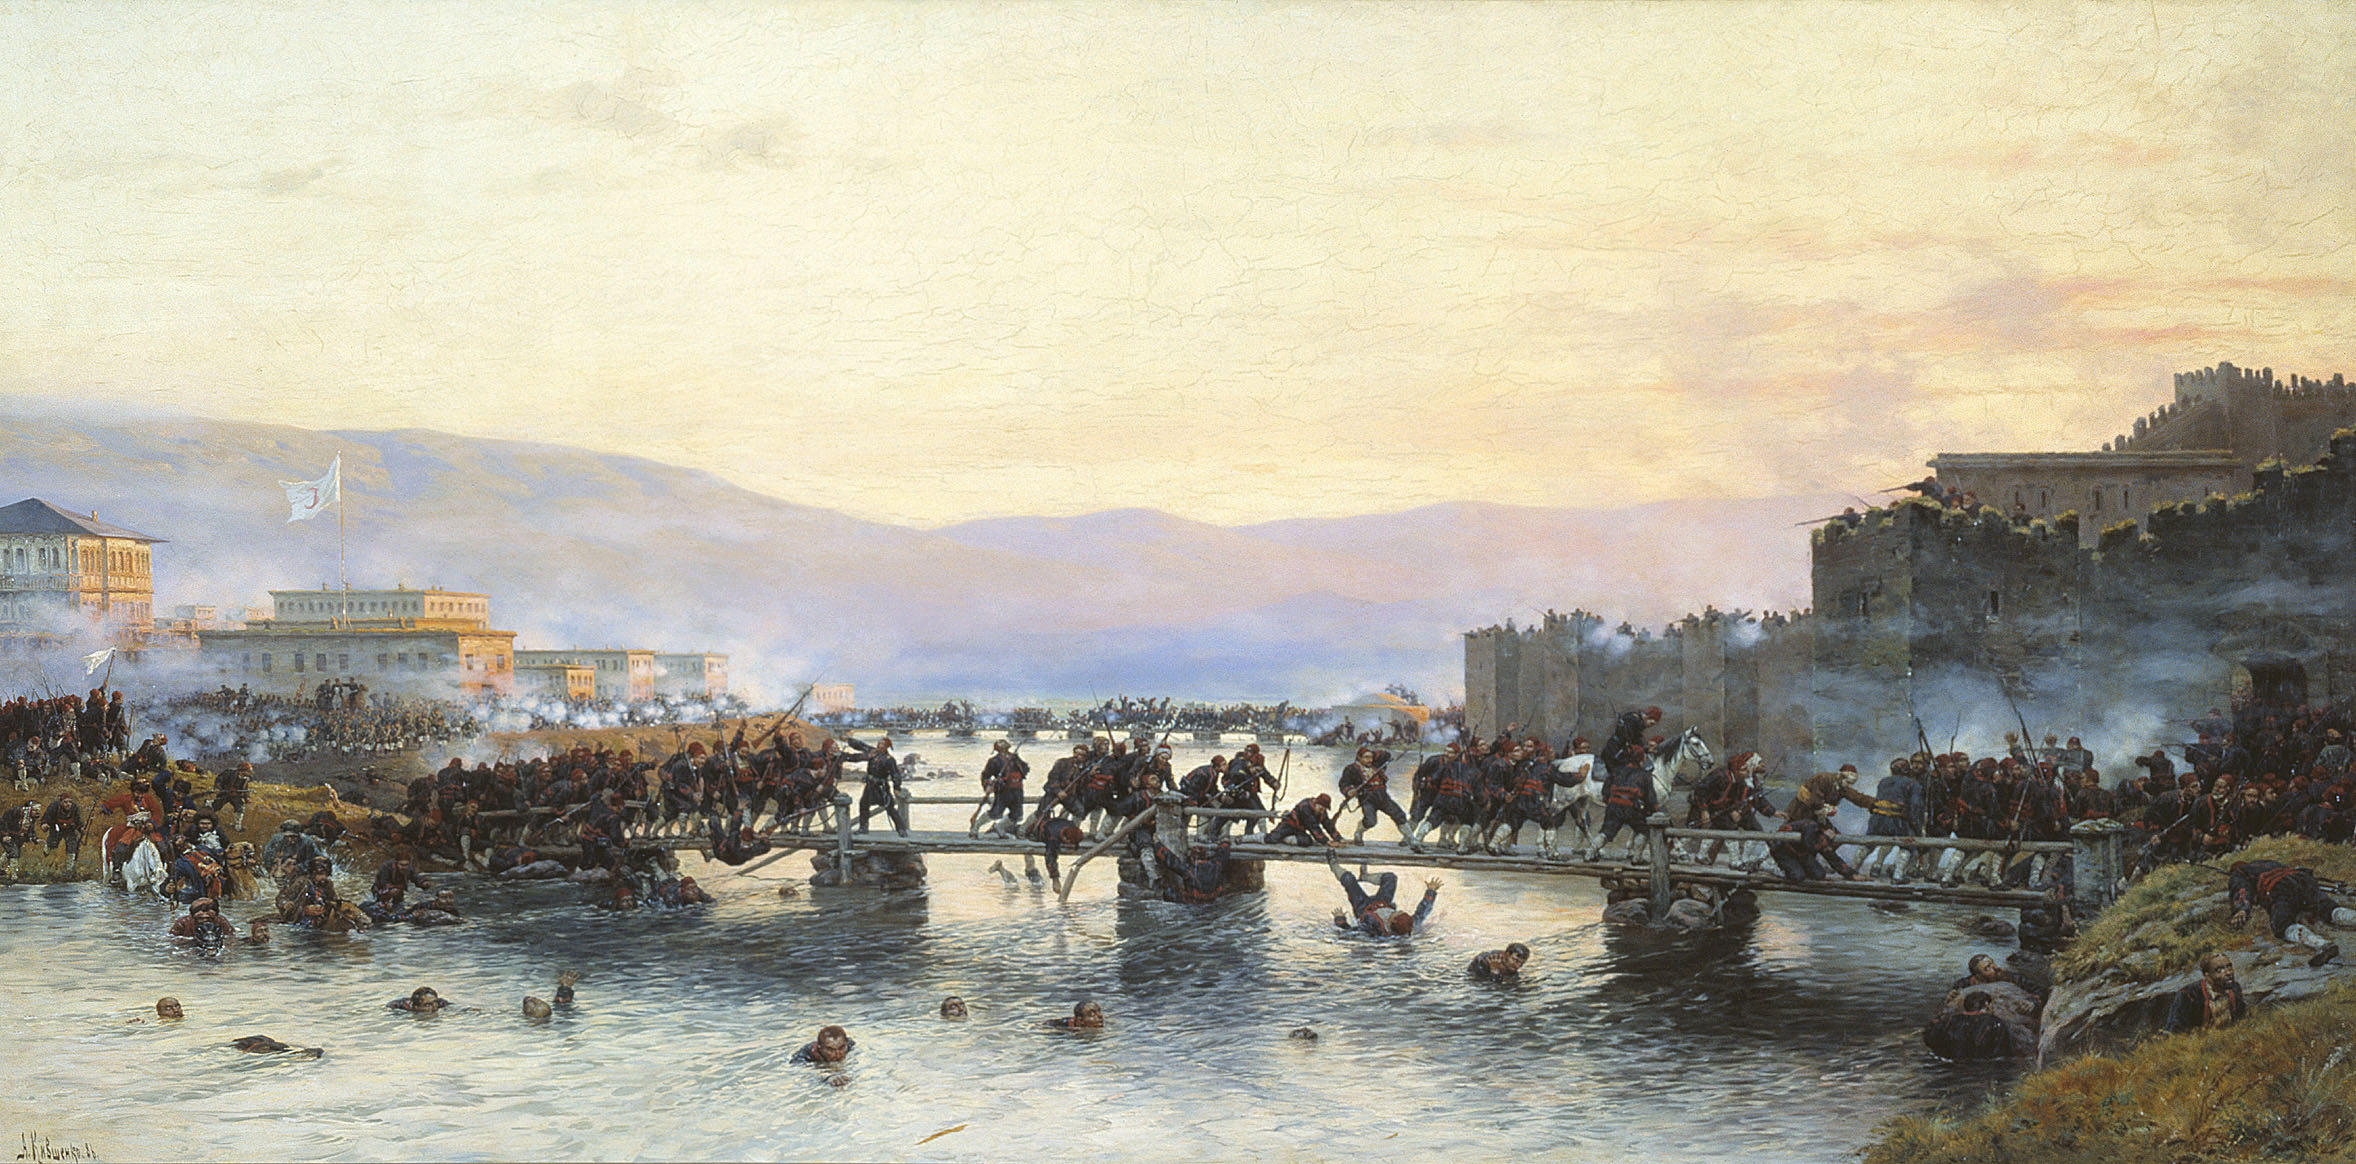 Алексей Кившенко. Штурм крепости Ардаган 5 мая 1877 года.